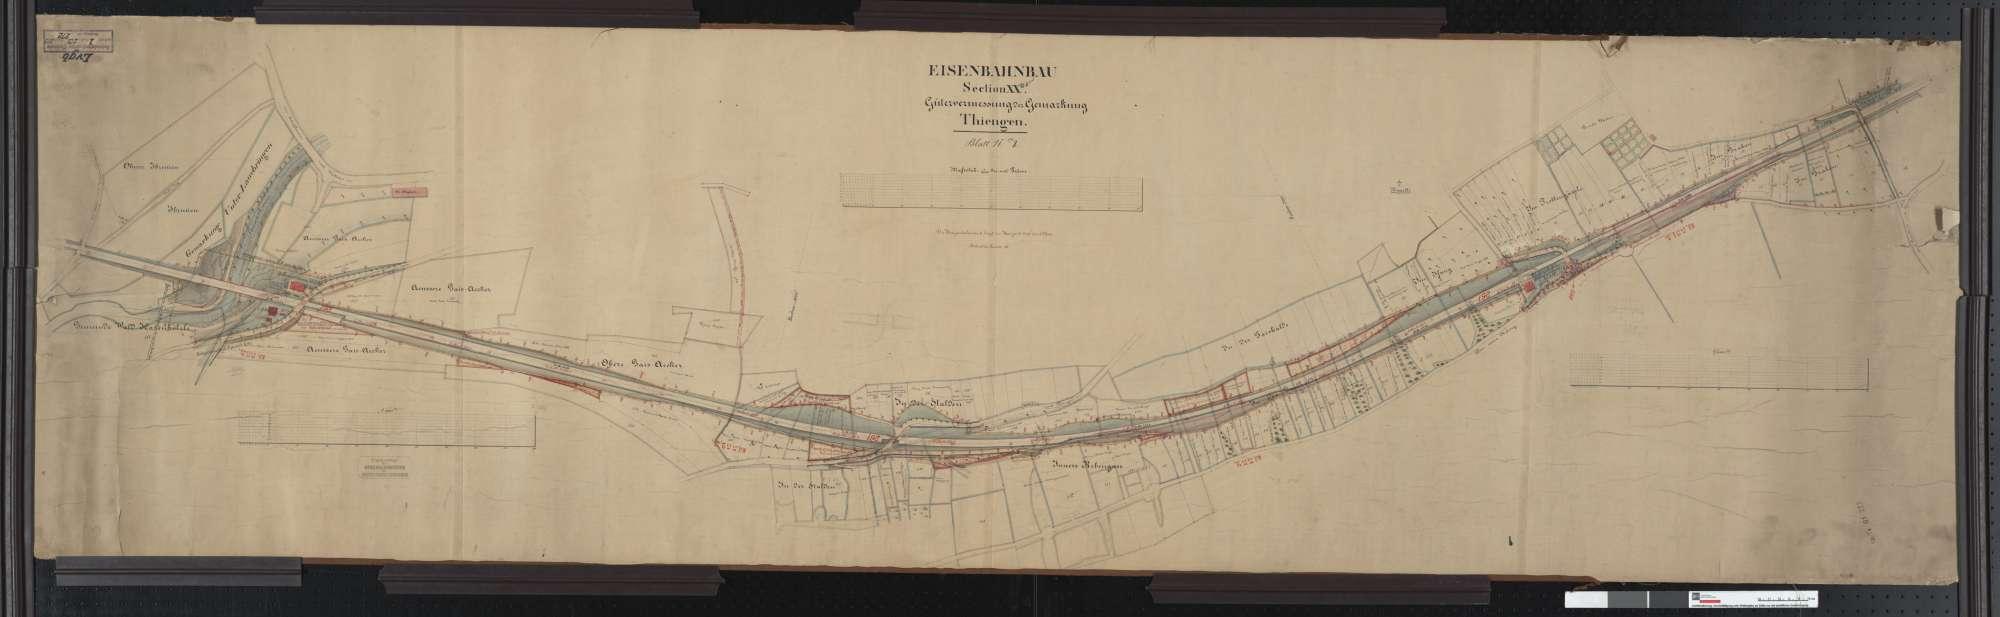 Gütervermessung der Eisenbahn auf der Gemarkung Tiengen Streckenausschnitt: 331,3 bis 333,0 km, Bild 1